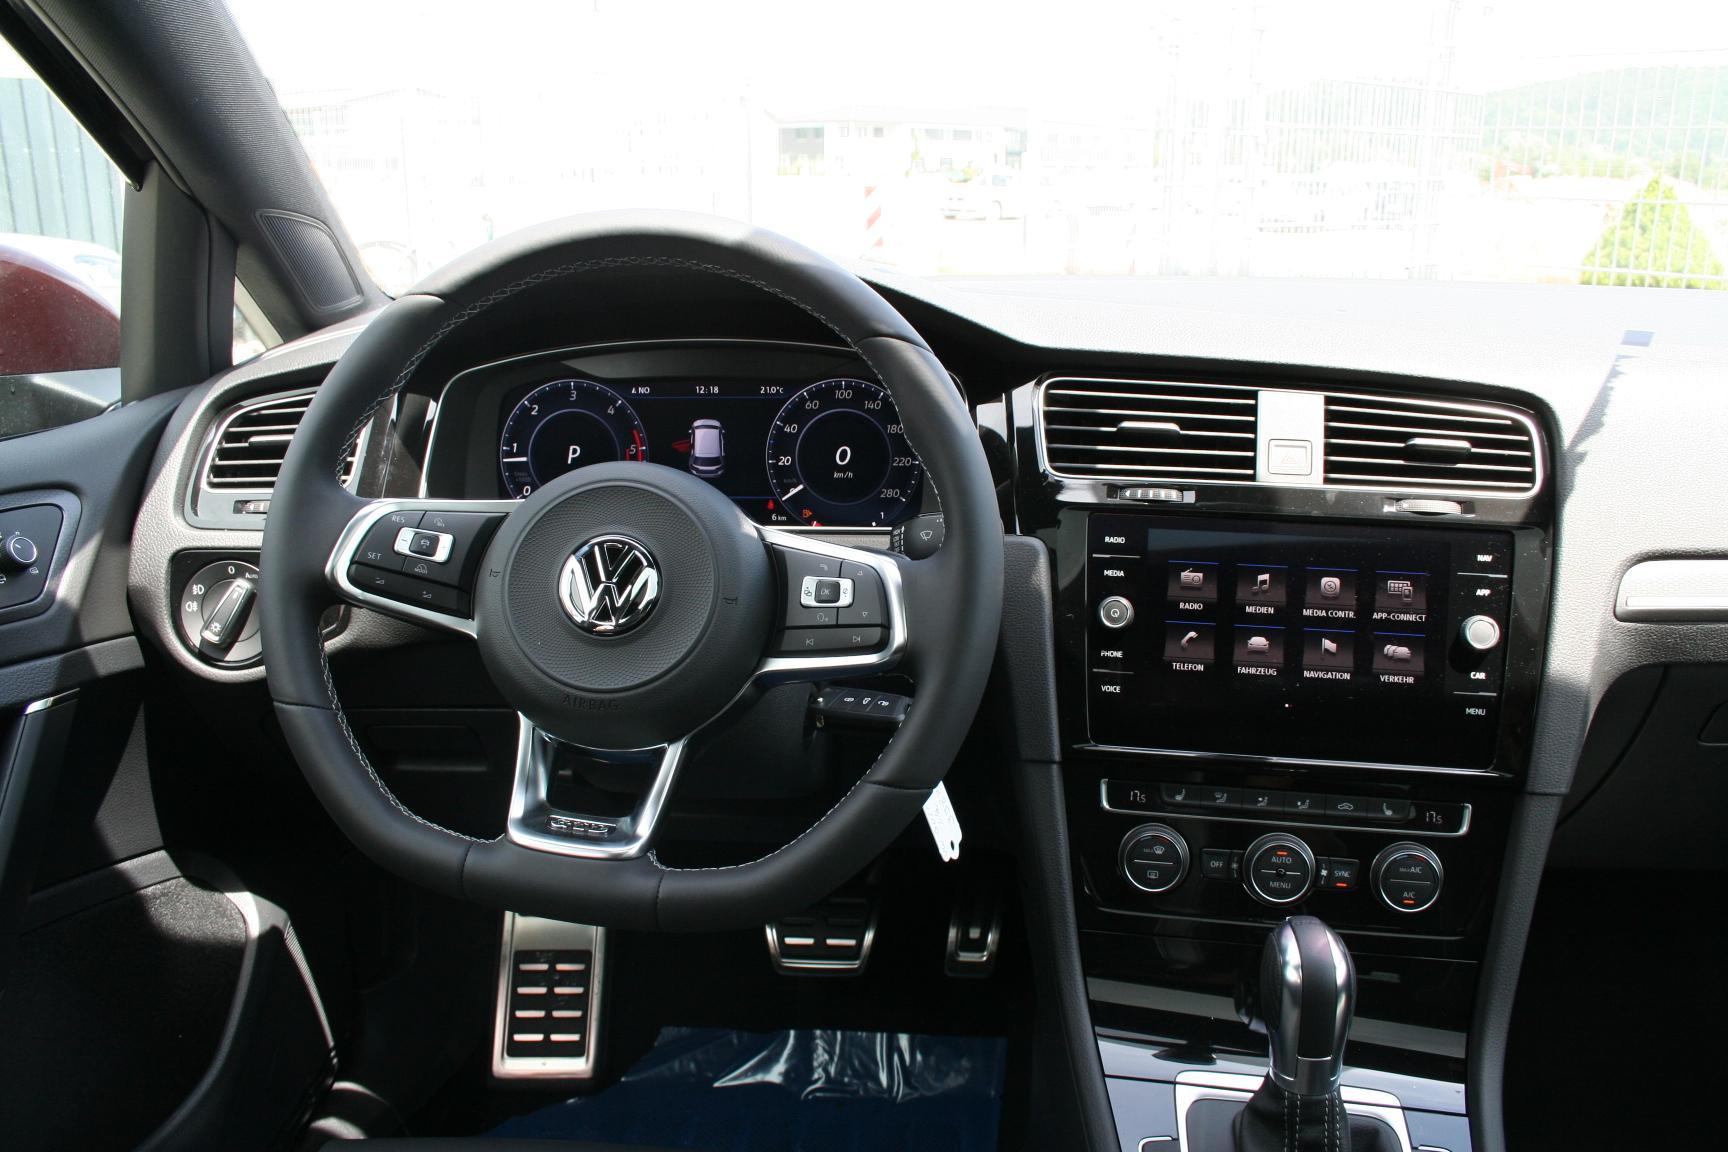 Auto cockpit vw  Volkswagen Golf GTD 2.0 TDI 184 PS DSG-FACELIFT-Rückfahrkamera ...